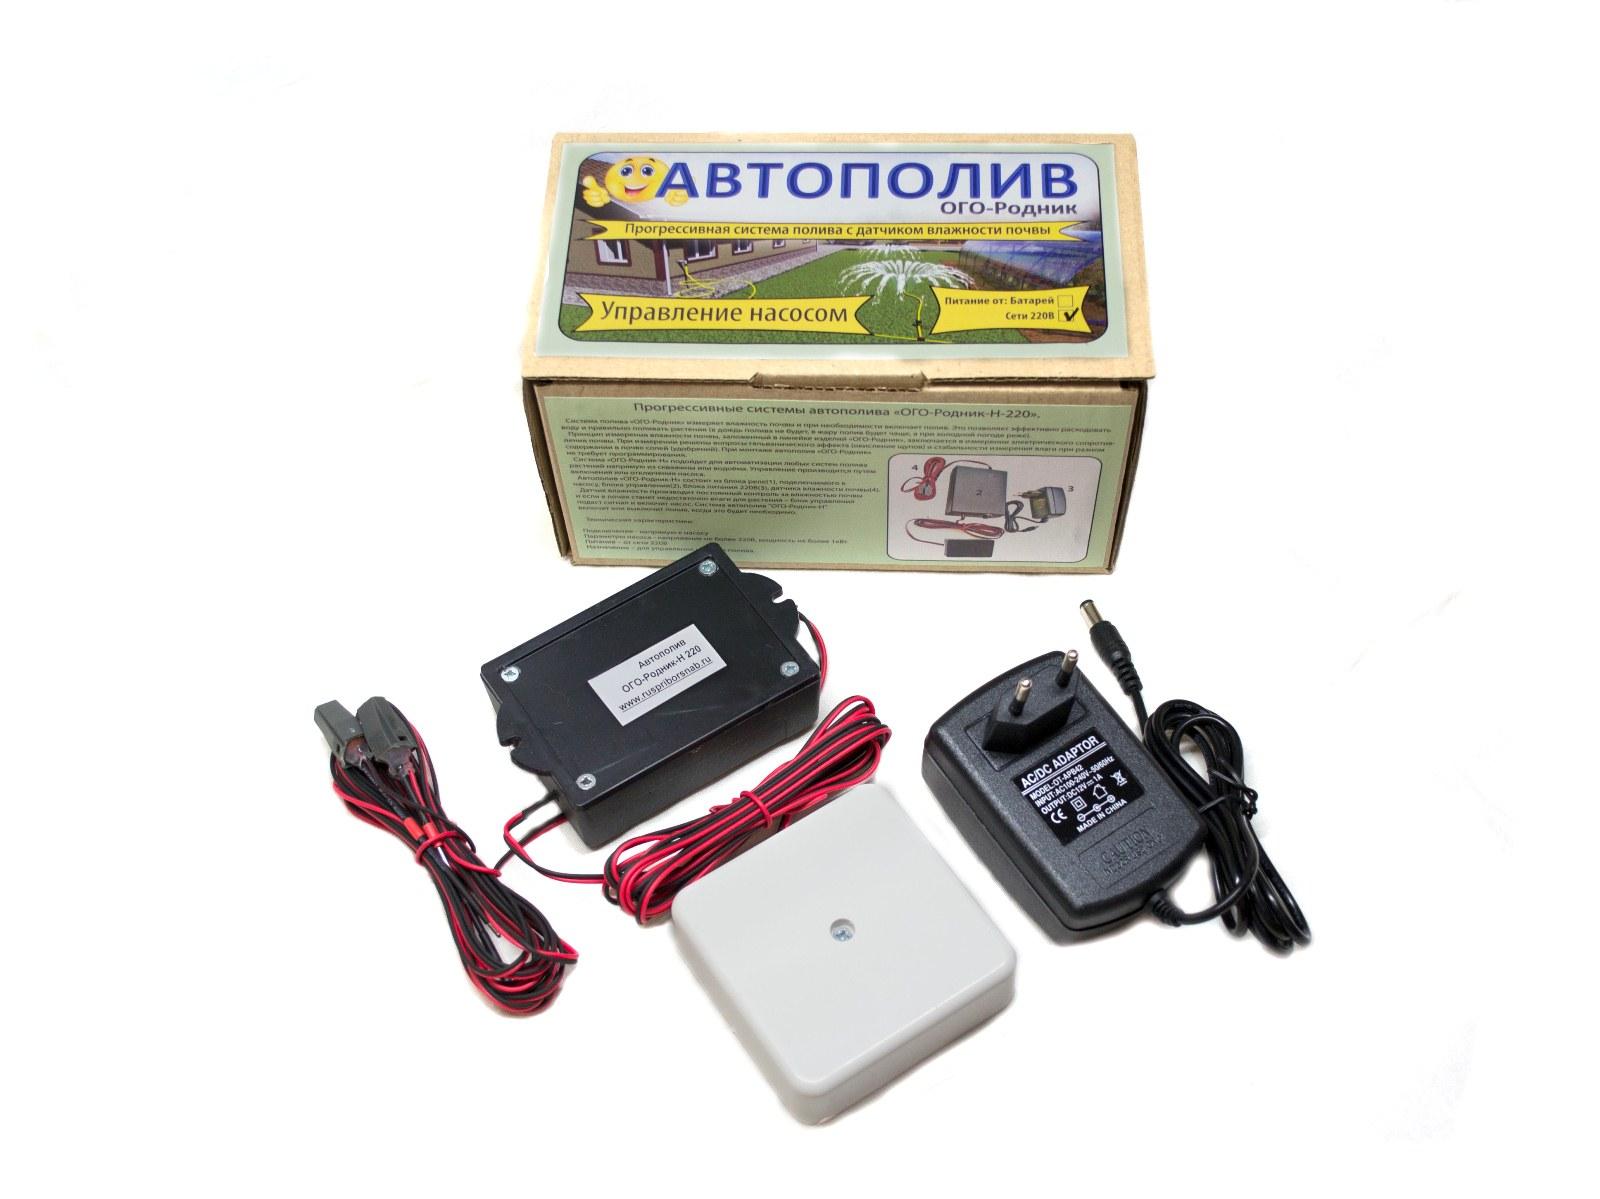 Автополив «ОГО-Родник-Н 220»